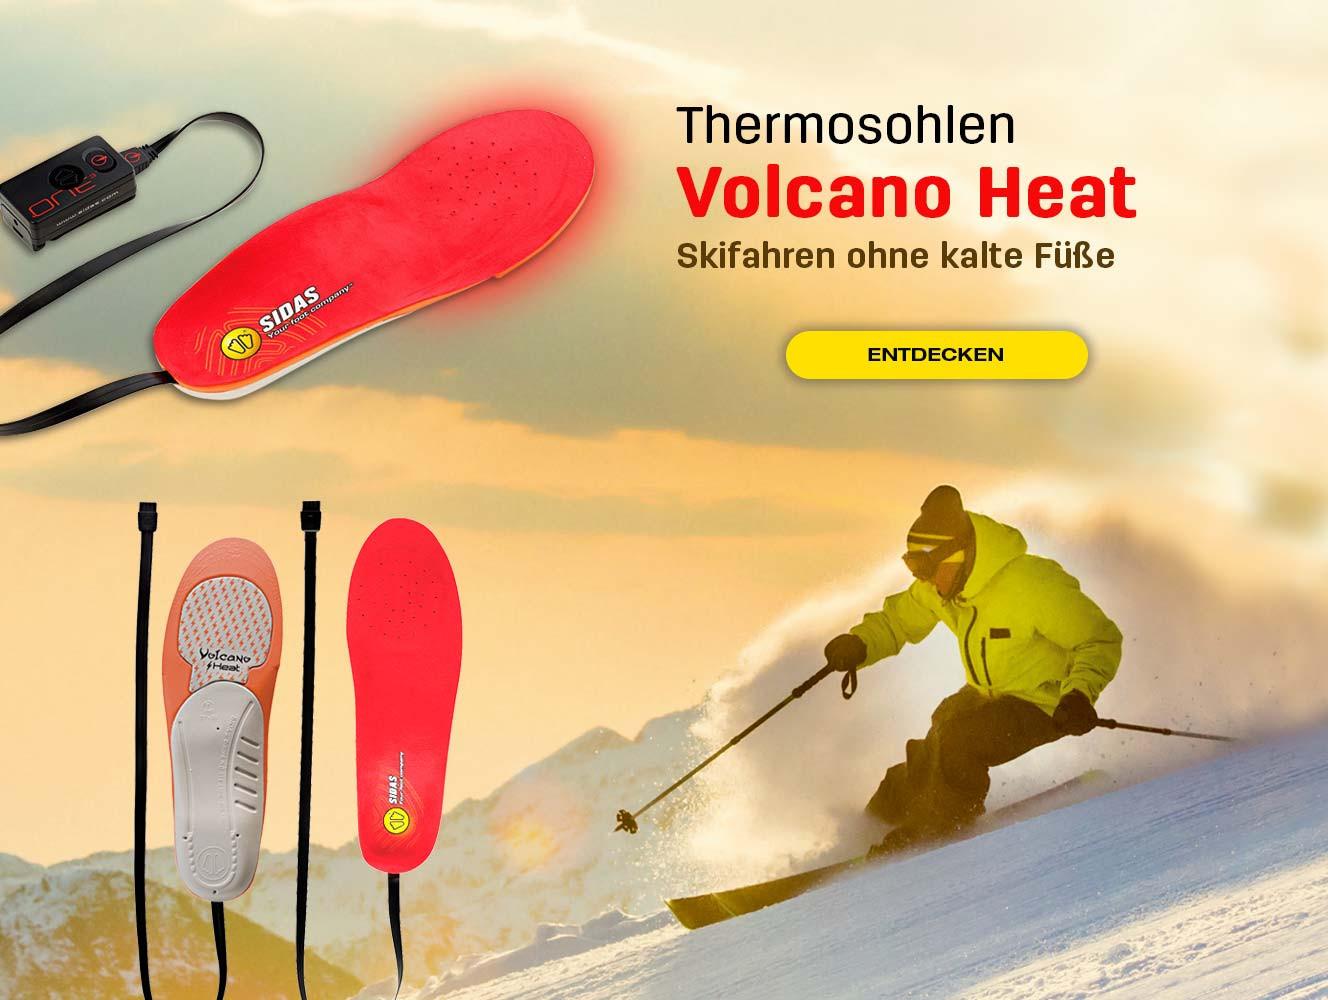 Skifahren ohne kalte Füße